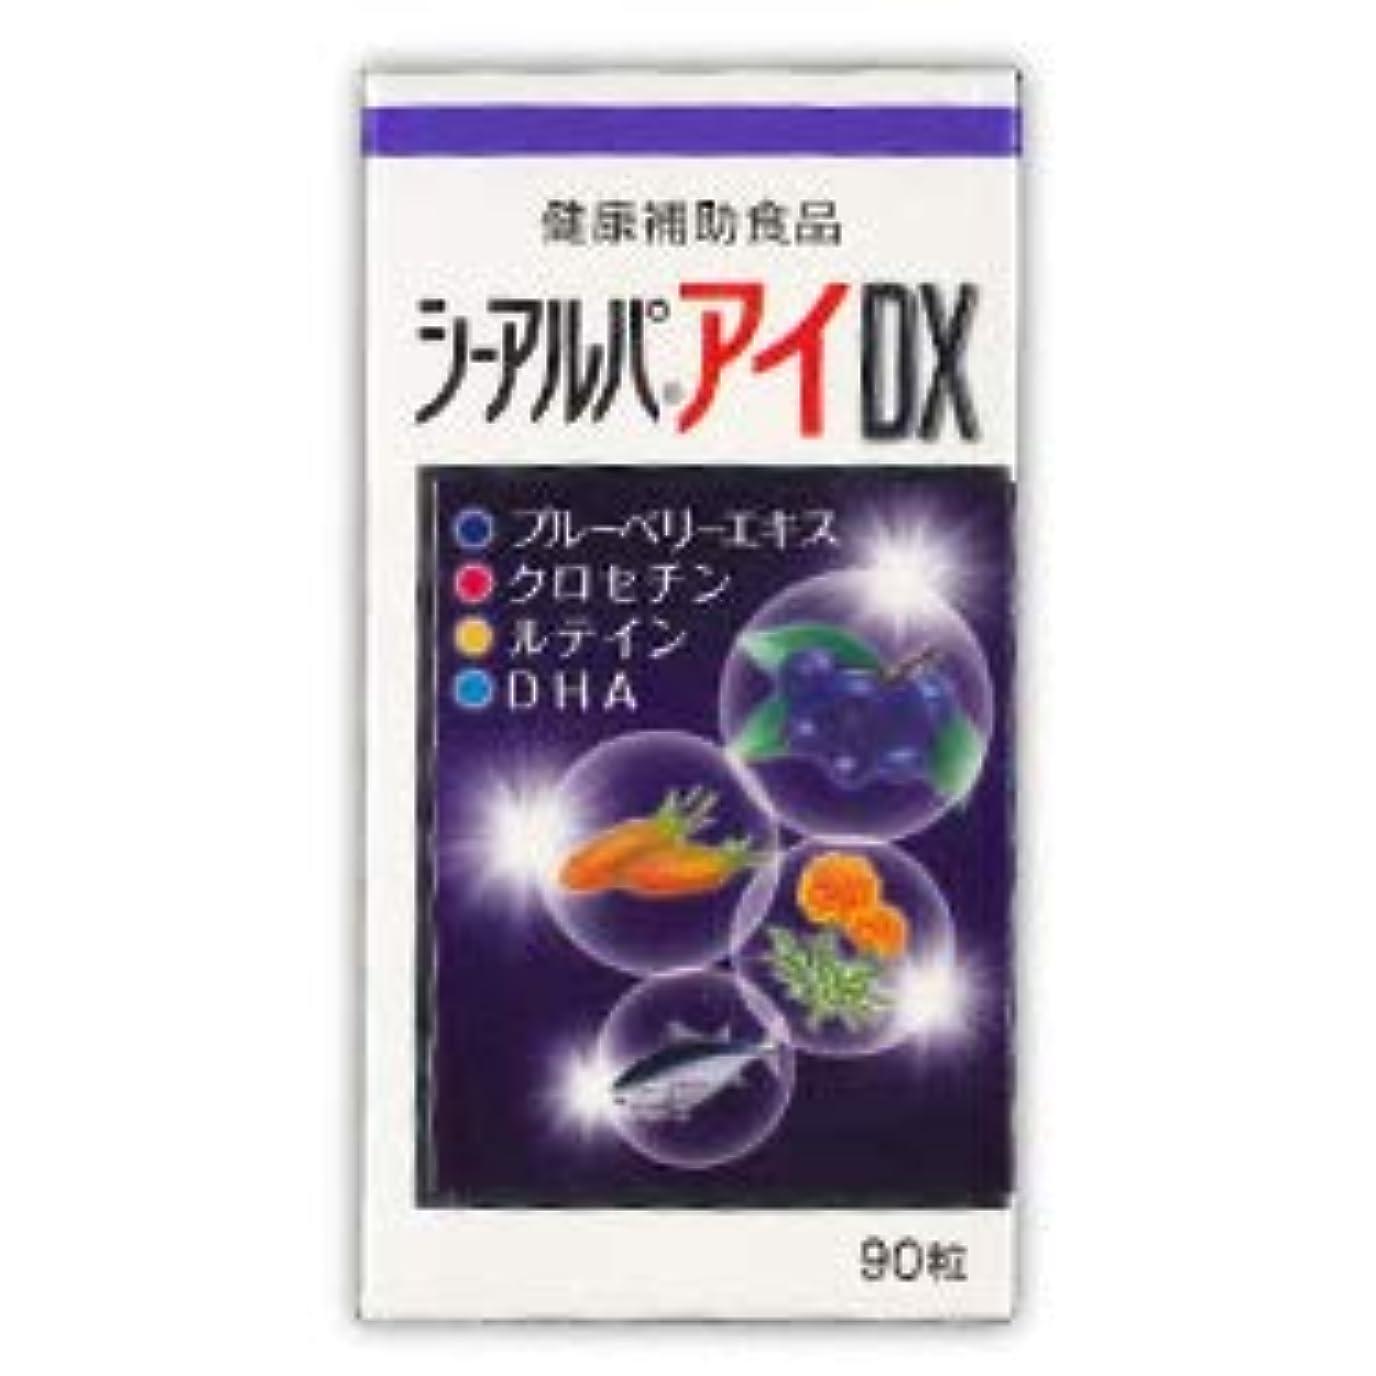 ハンカチ成熟した始まり【日水製薬】シーアルパアイDX 90粒